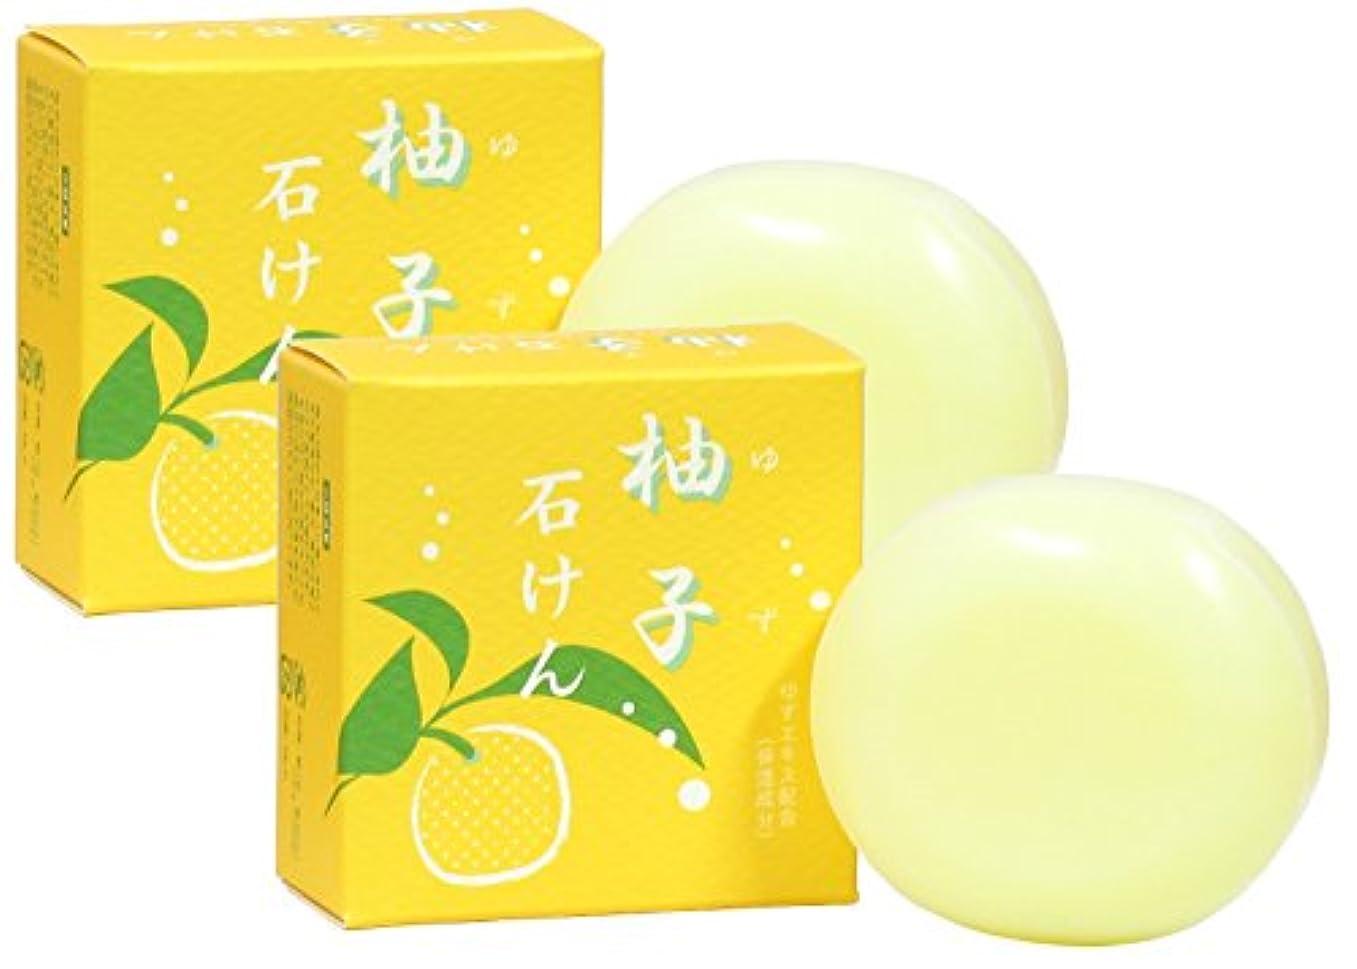 ジレンマレタッチ毎月ゆず石鹸100g×2個 ユズ 柚子 石けん せっけん セッケン